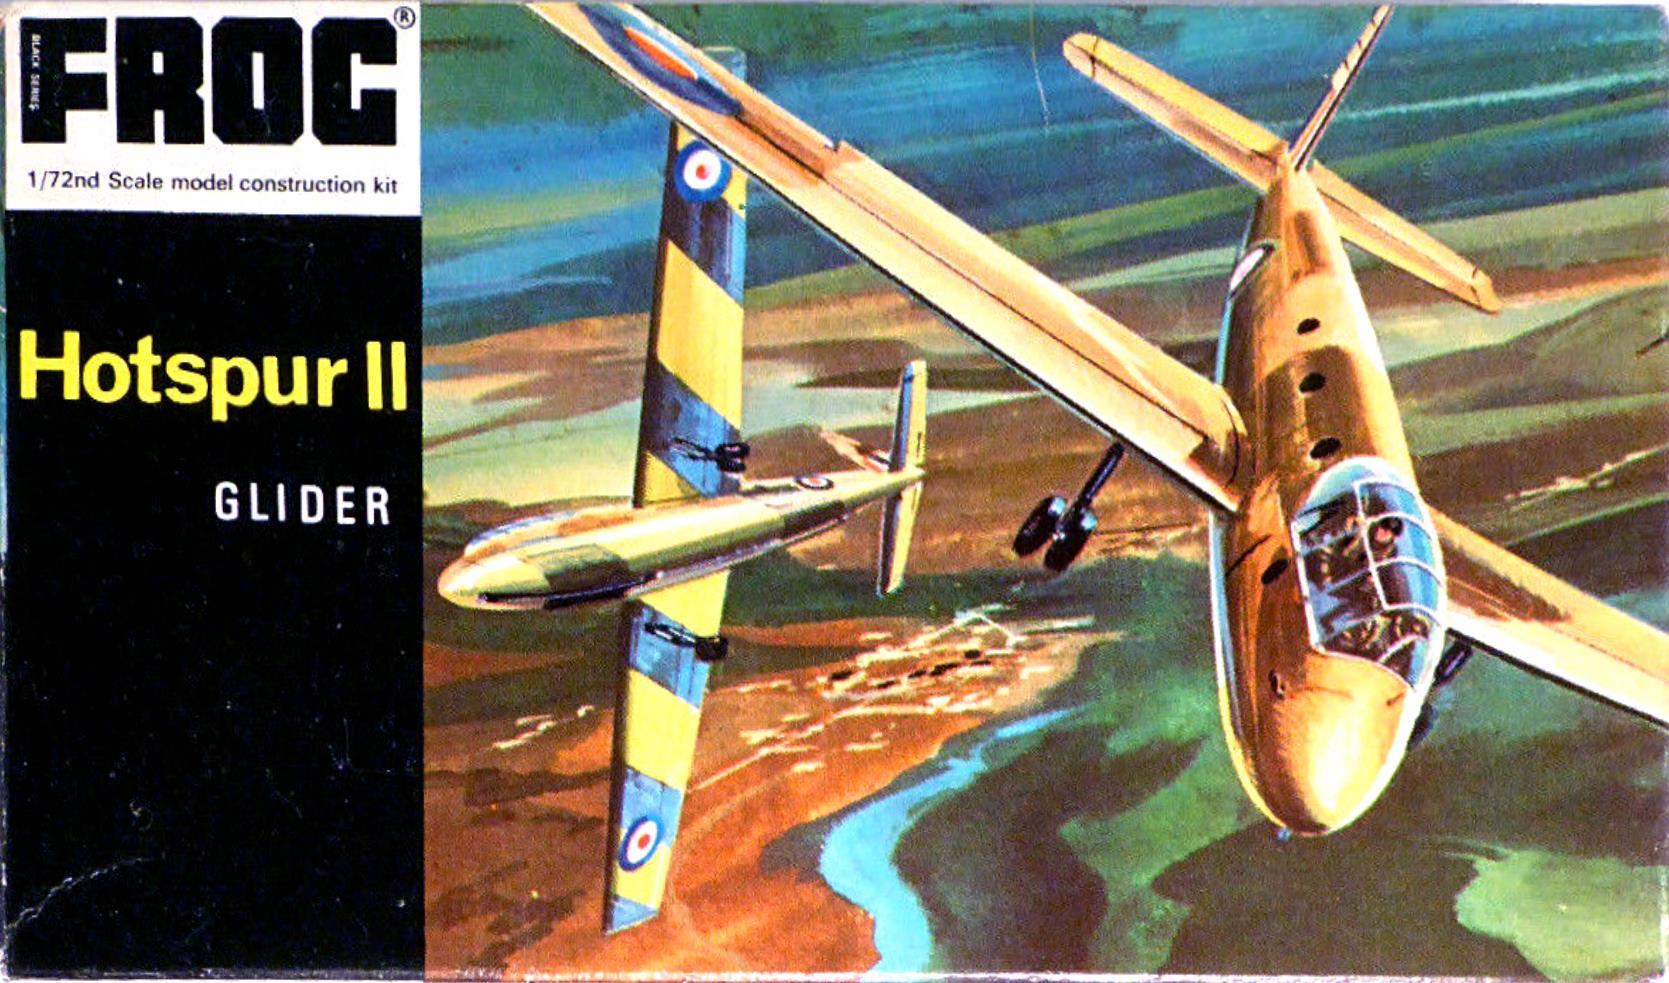 Верх коробки FROG F152 Hotspur II Glider